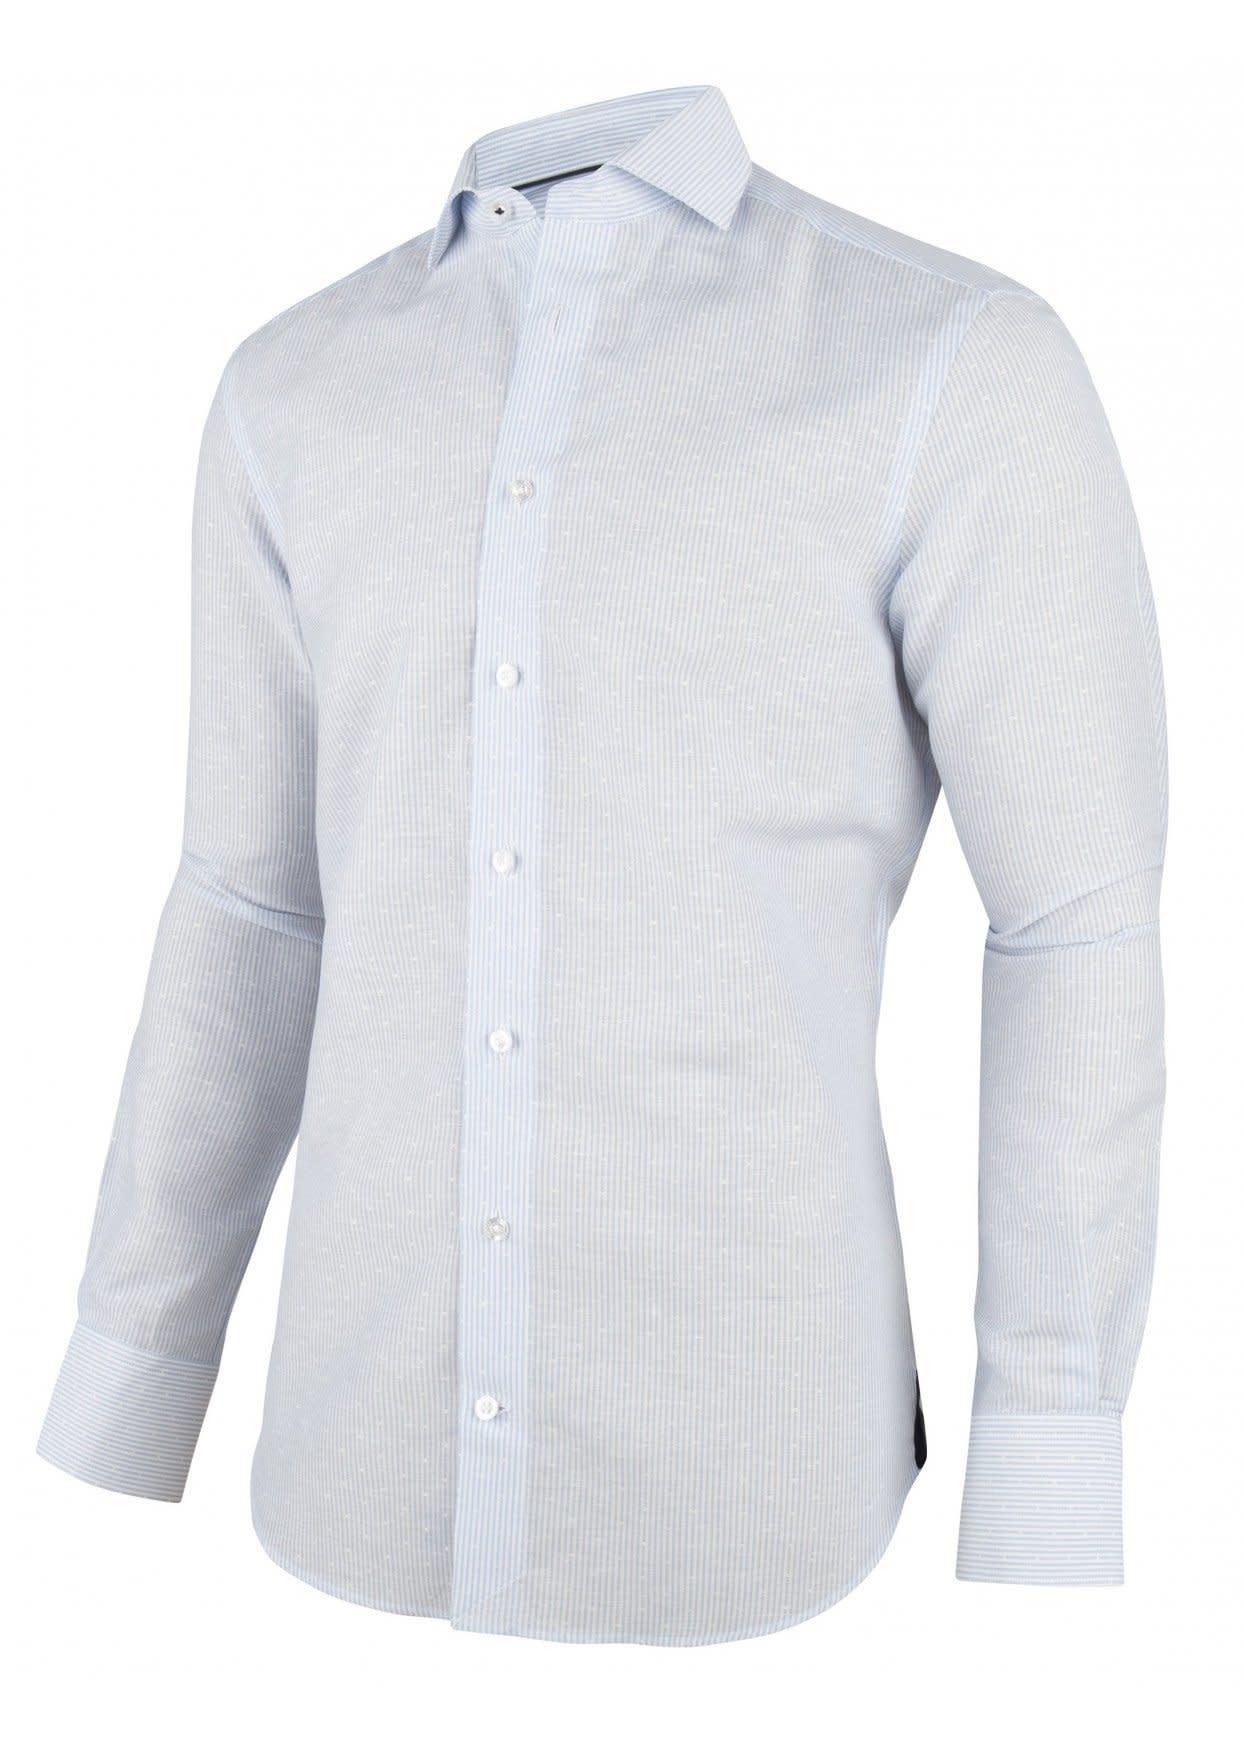 Bari overhemd-4